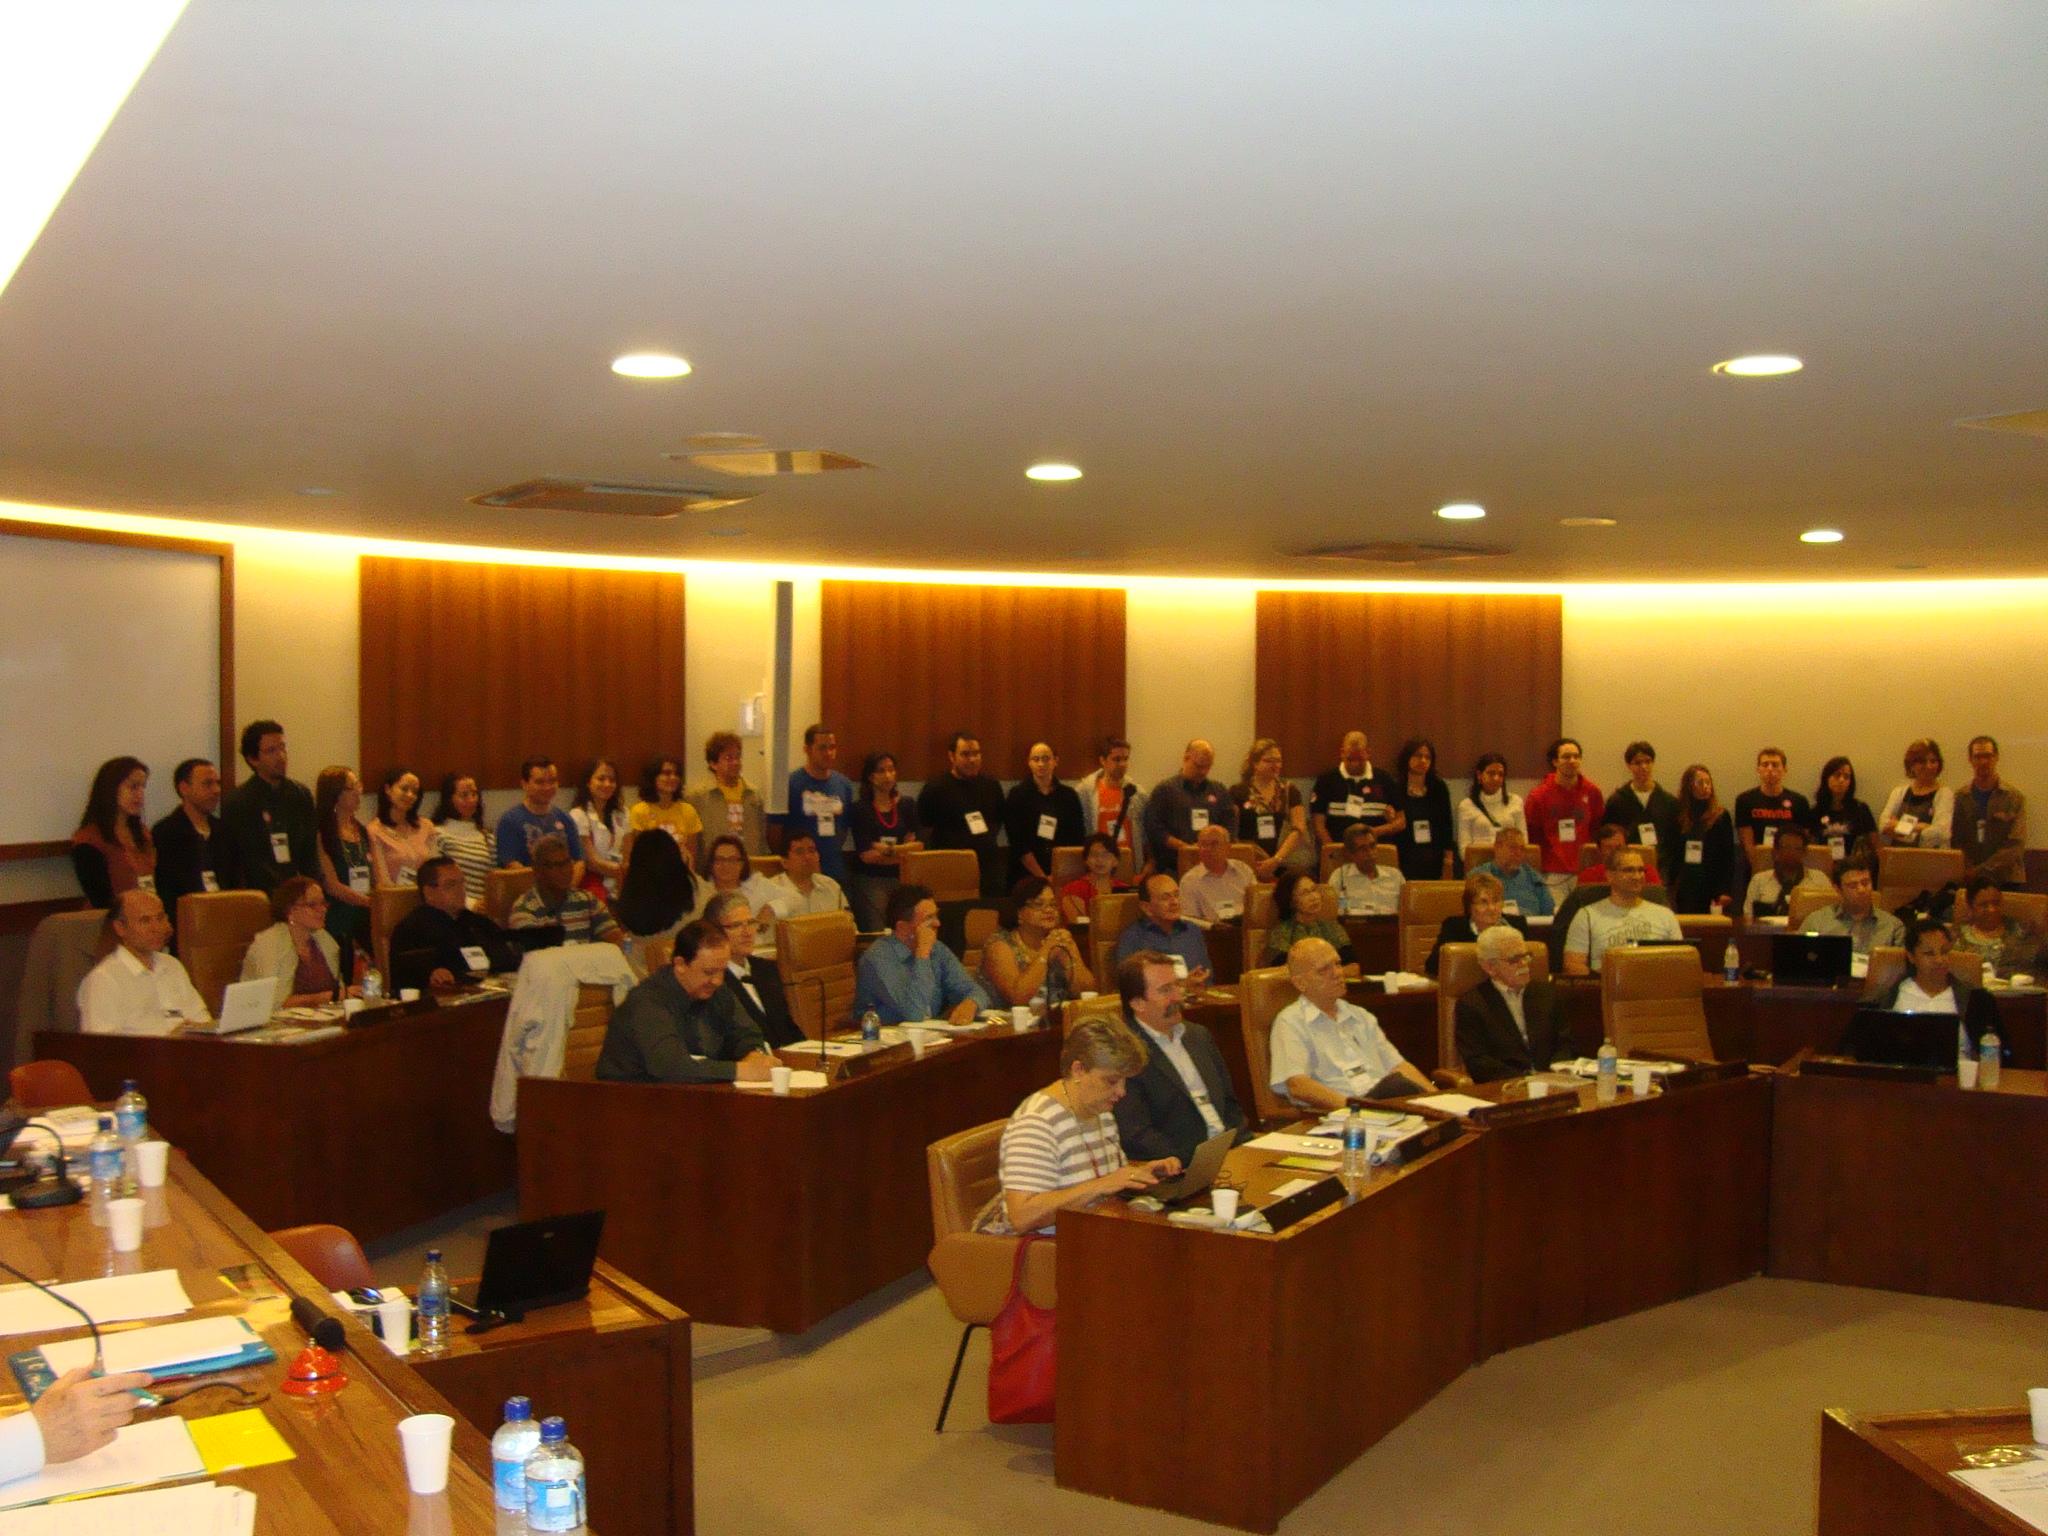 20150722 - qua - Antonio Cesar - Histórico CONBRAJEs - CFN_Parte do Plenário e Visita Jovens FEEGo